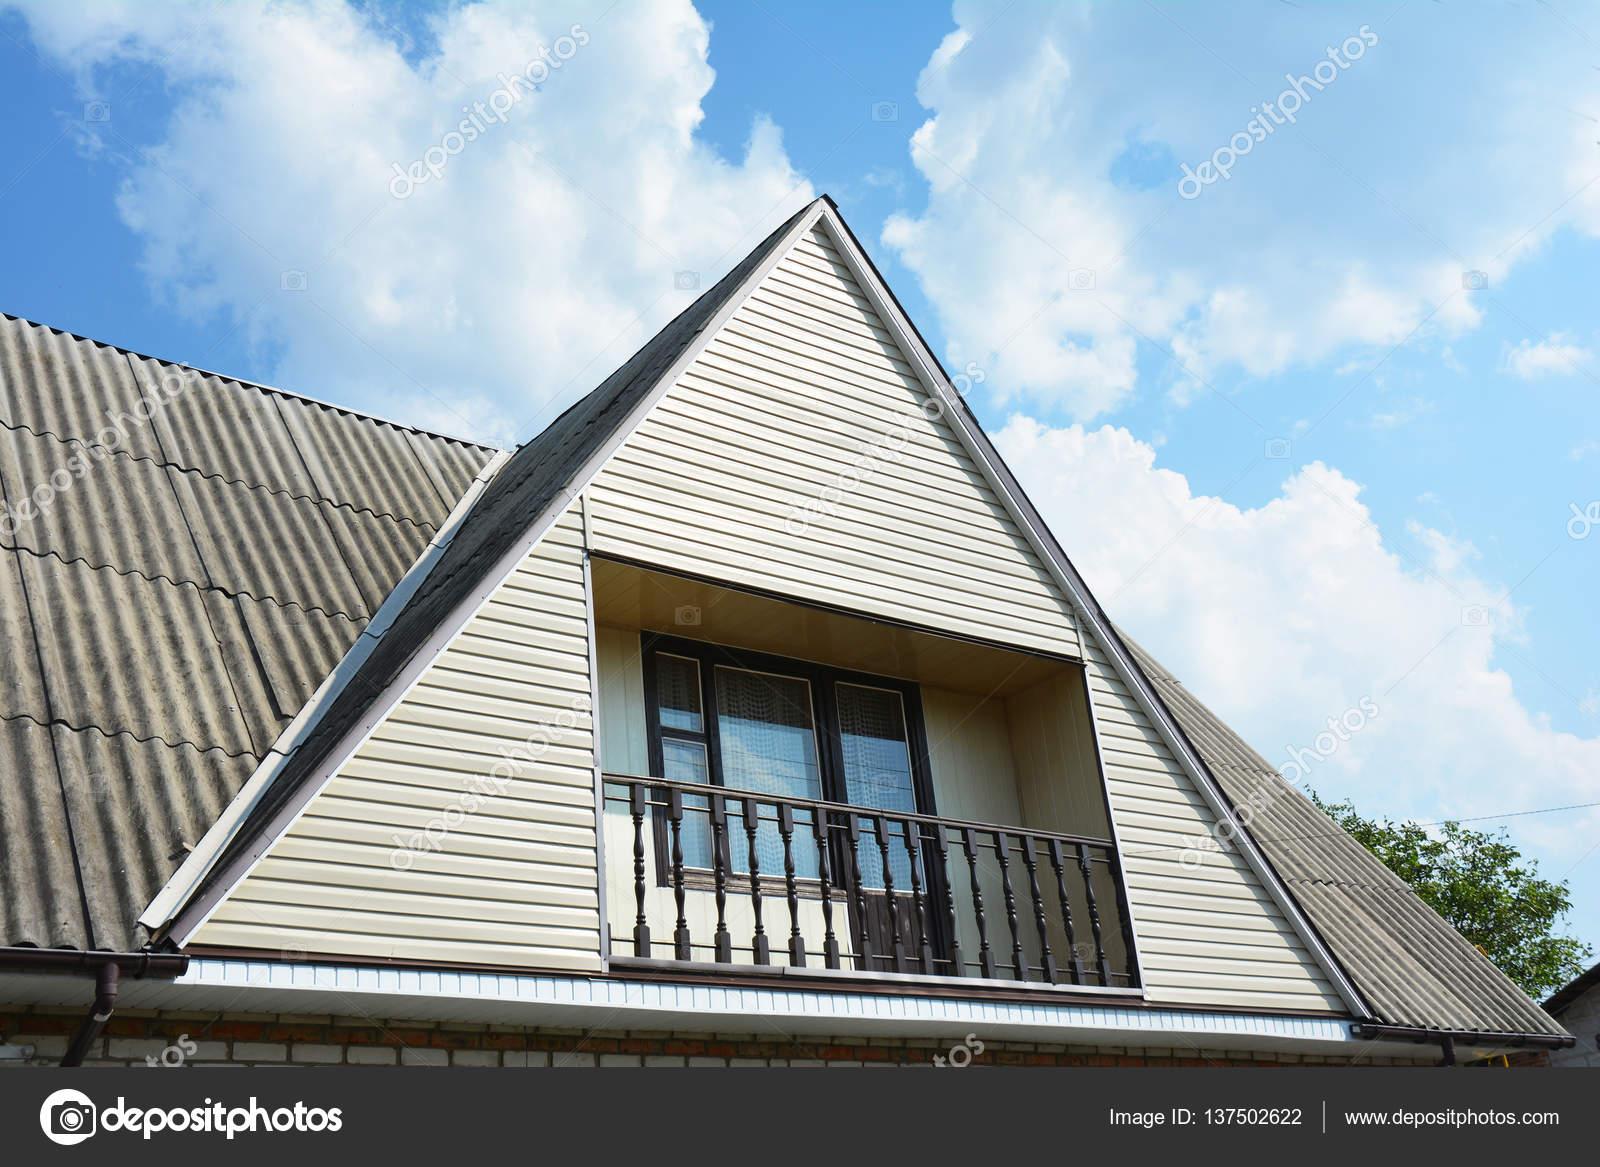 Pignon Et La Vallée Du Type De Construction Du Toit Avec Balcon Agréable.  Construction De Bâtiments Grenier Maison Avec Différents Types De Toiture U2014  Image ...